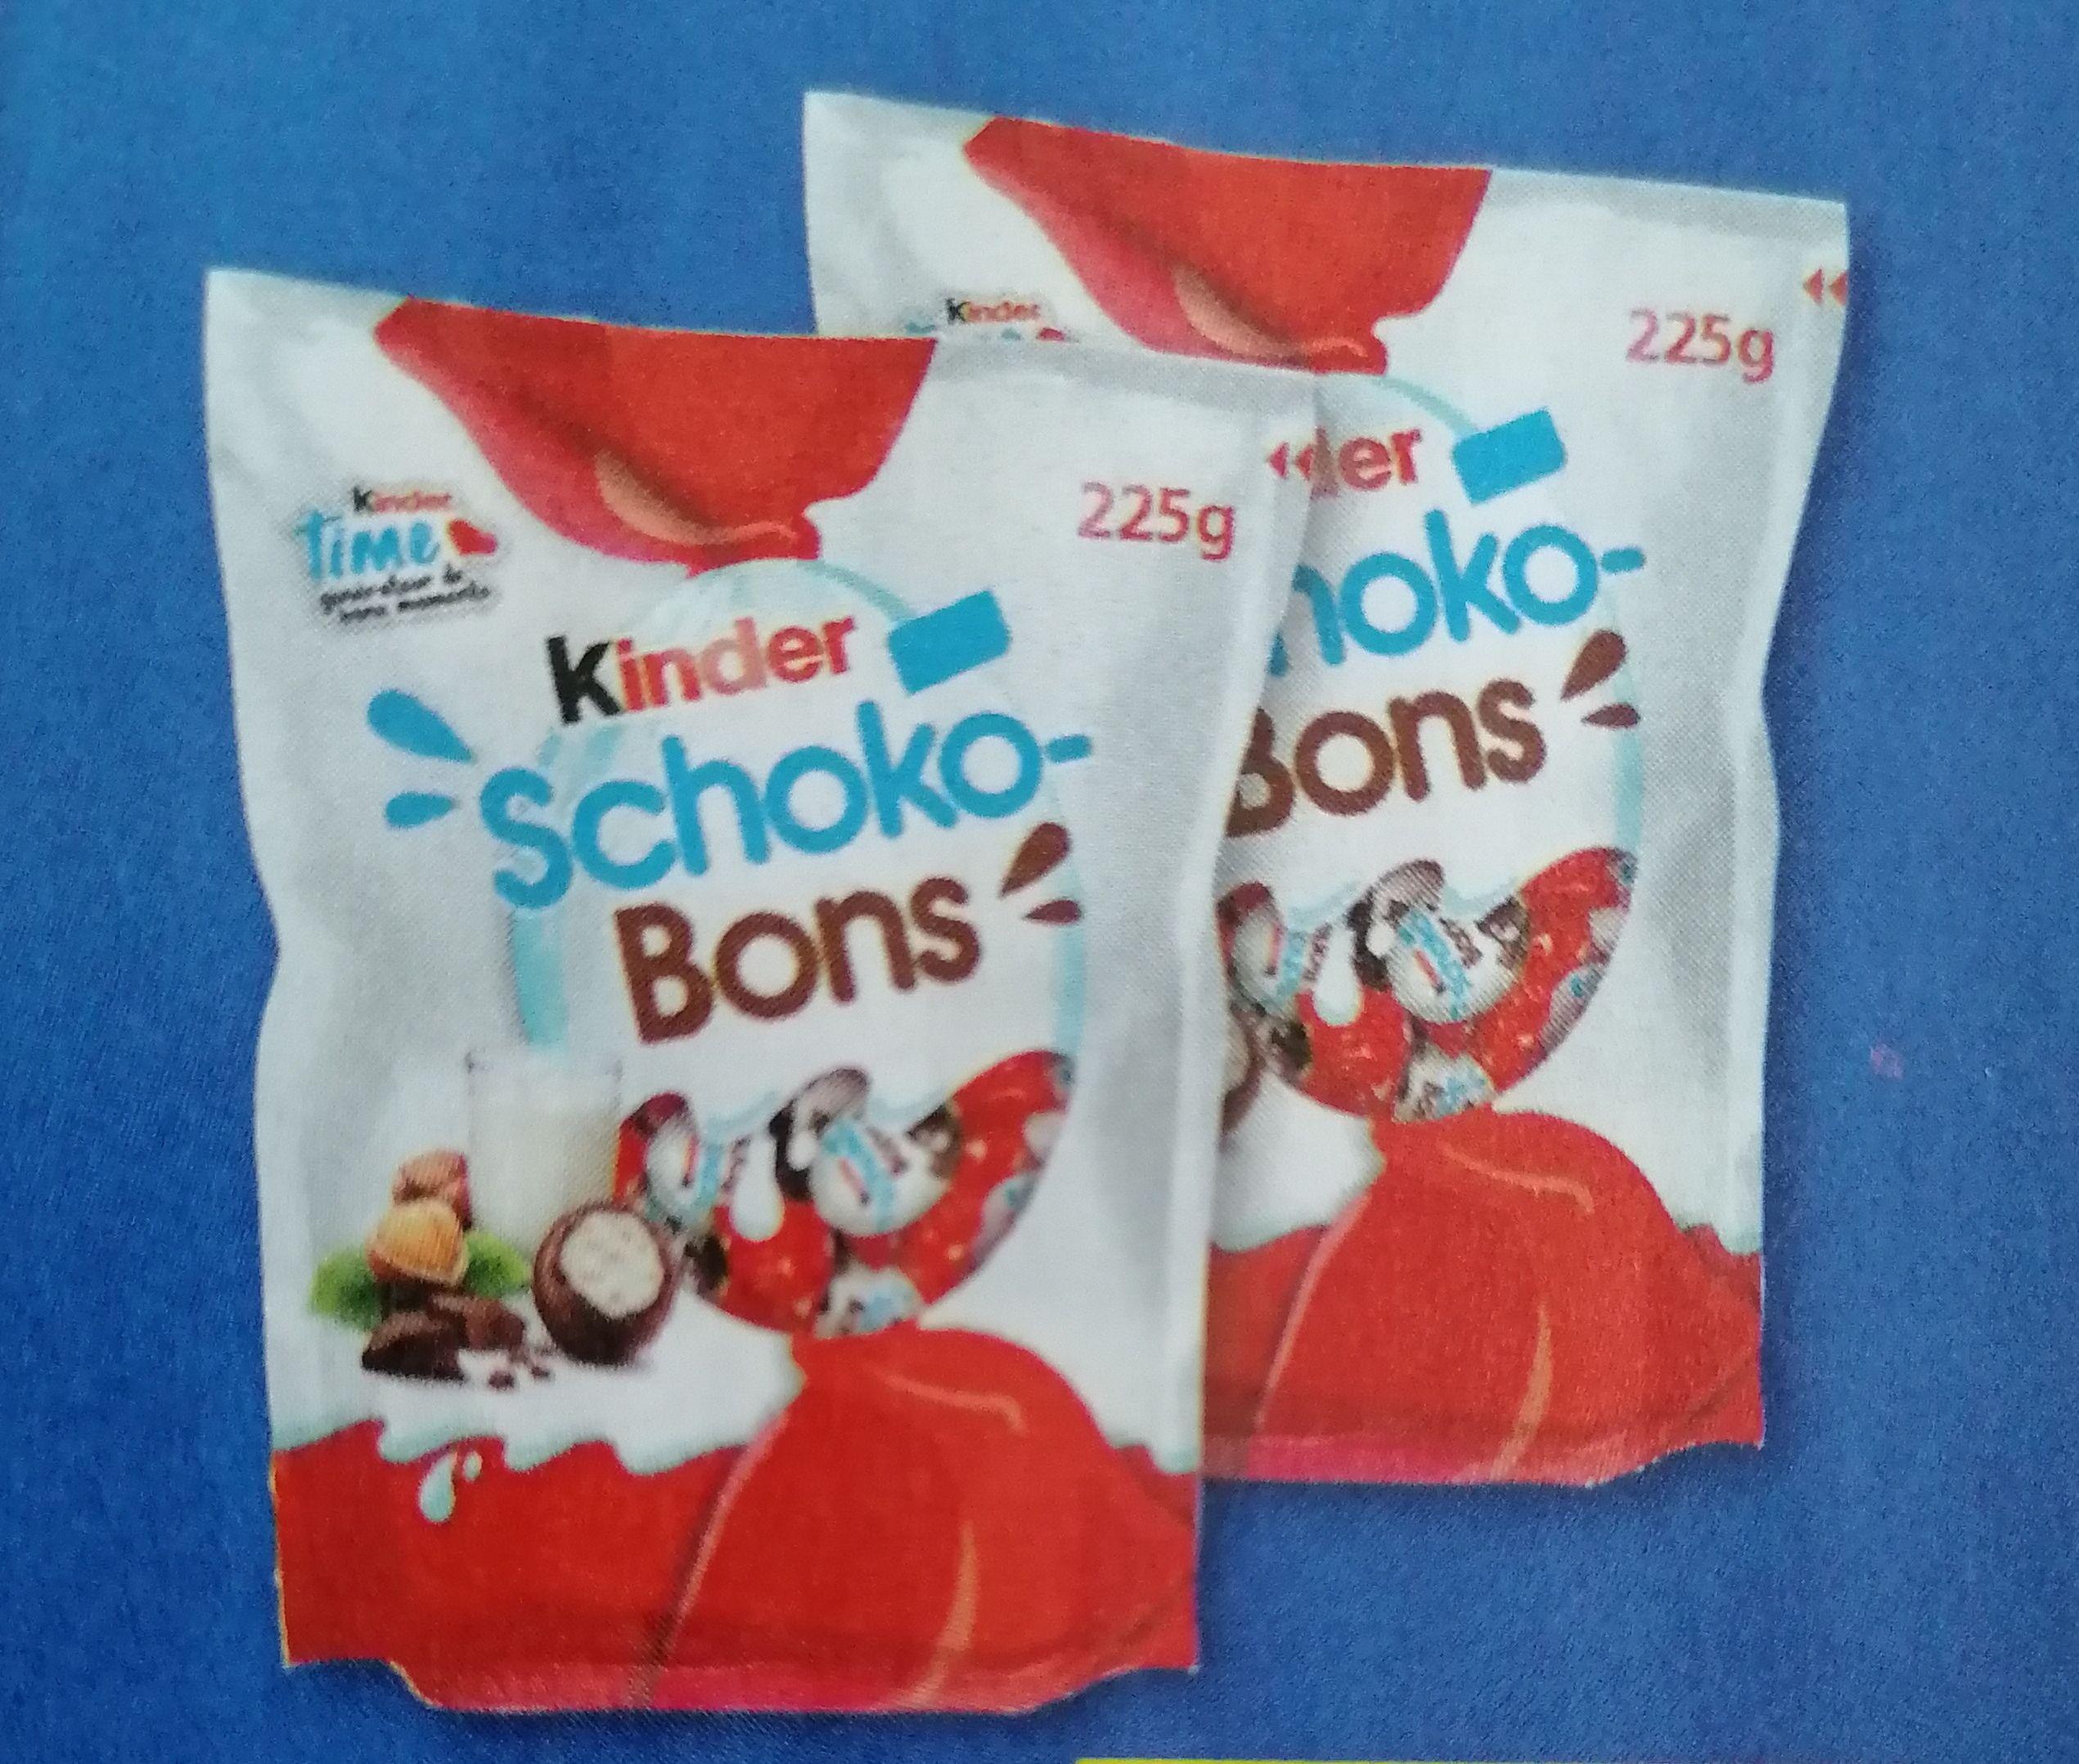 Lot de 2 paquets de Kinder Schoko-bons (2x225g)